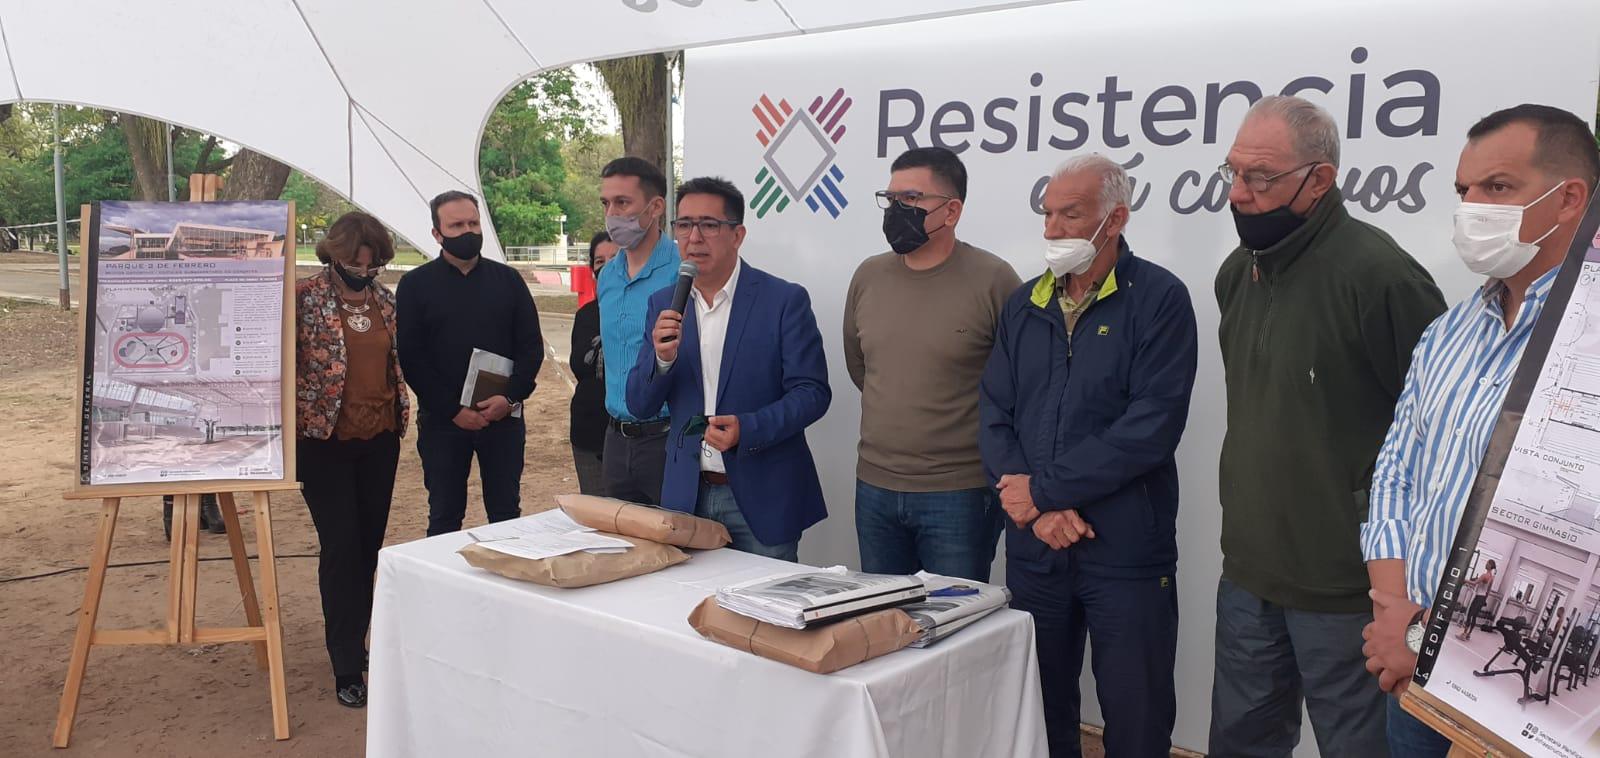 El municipio licitó las obras para la refuncionalización del Parque 2 de Febrero y Laguna Argüello